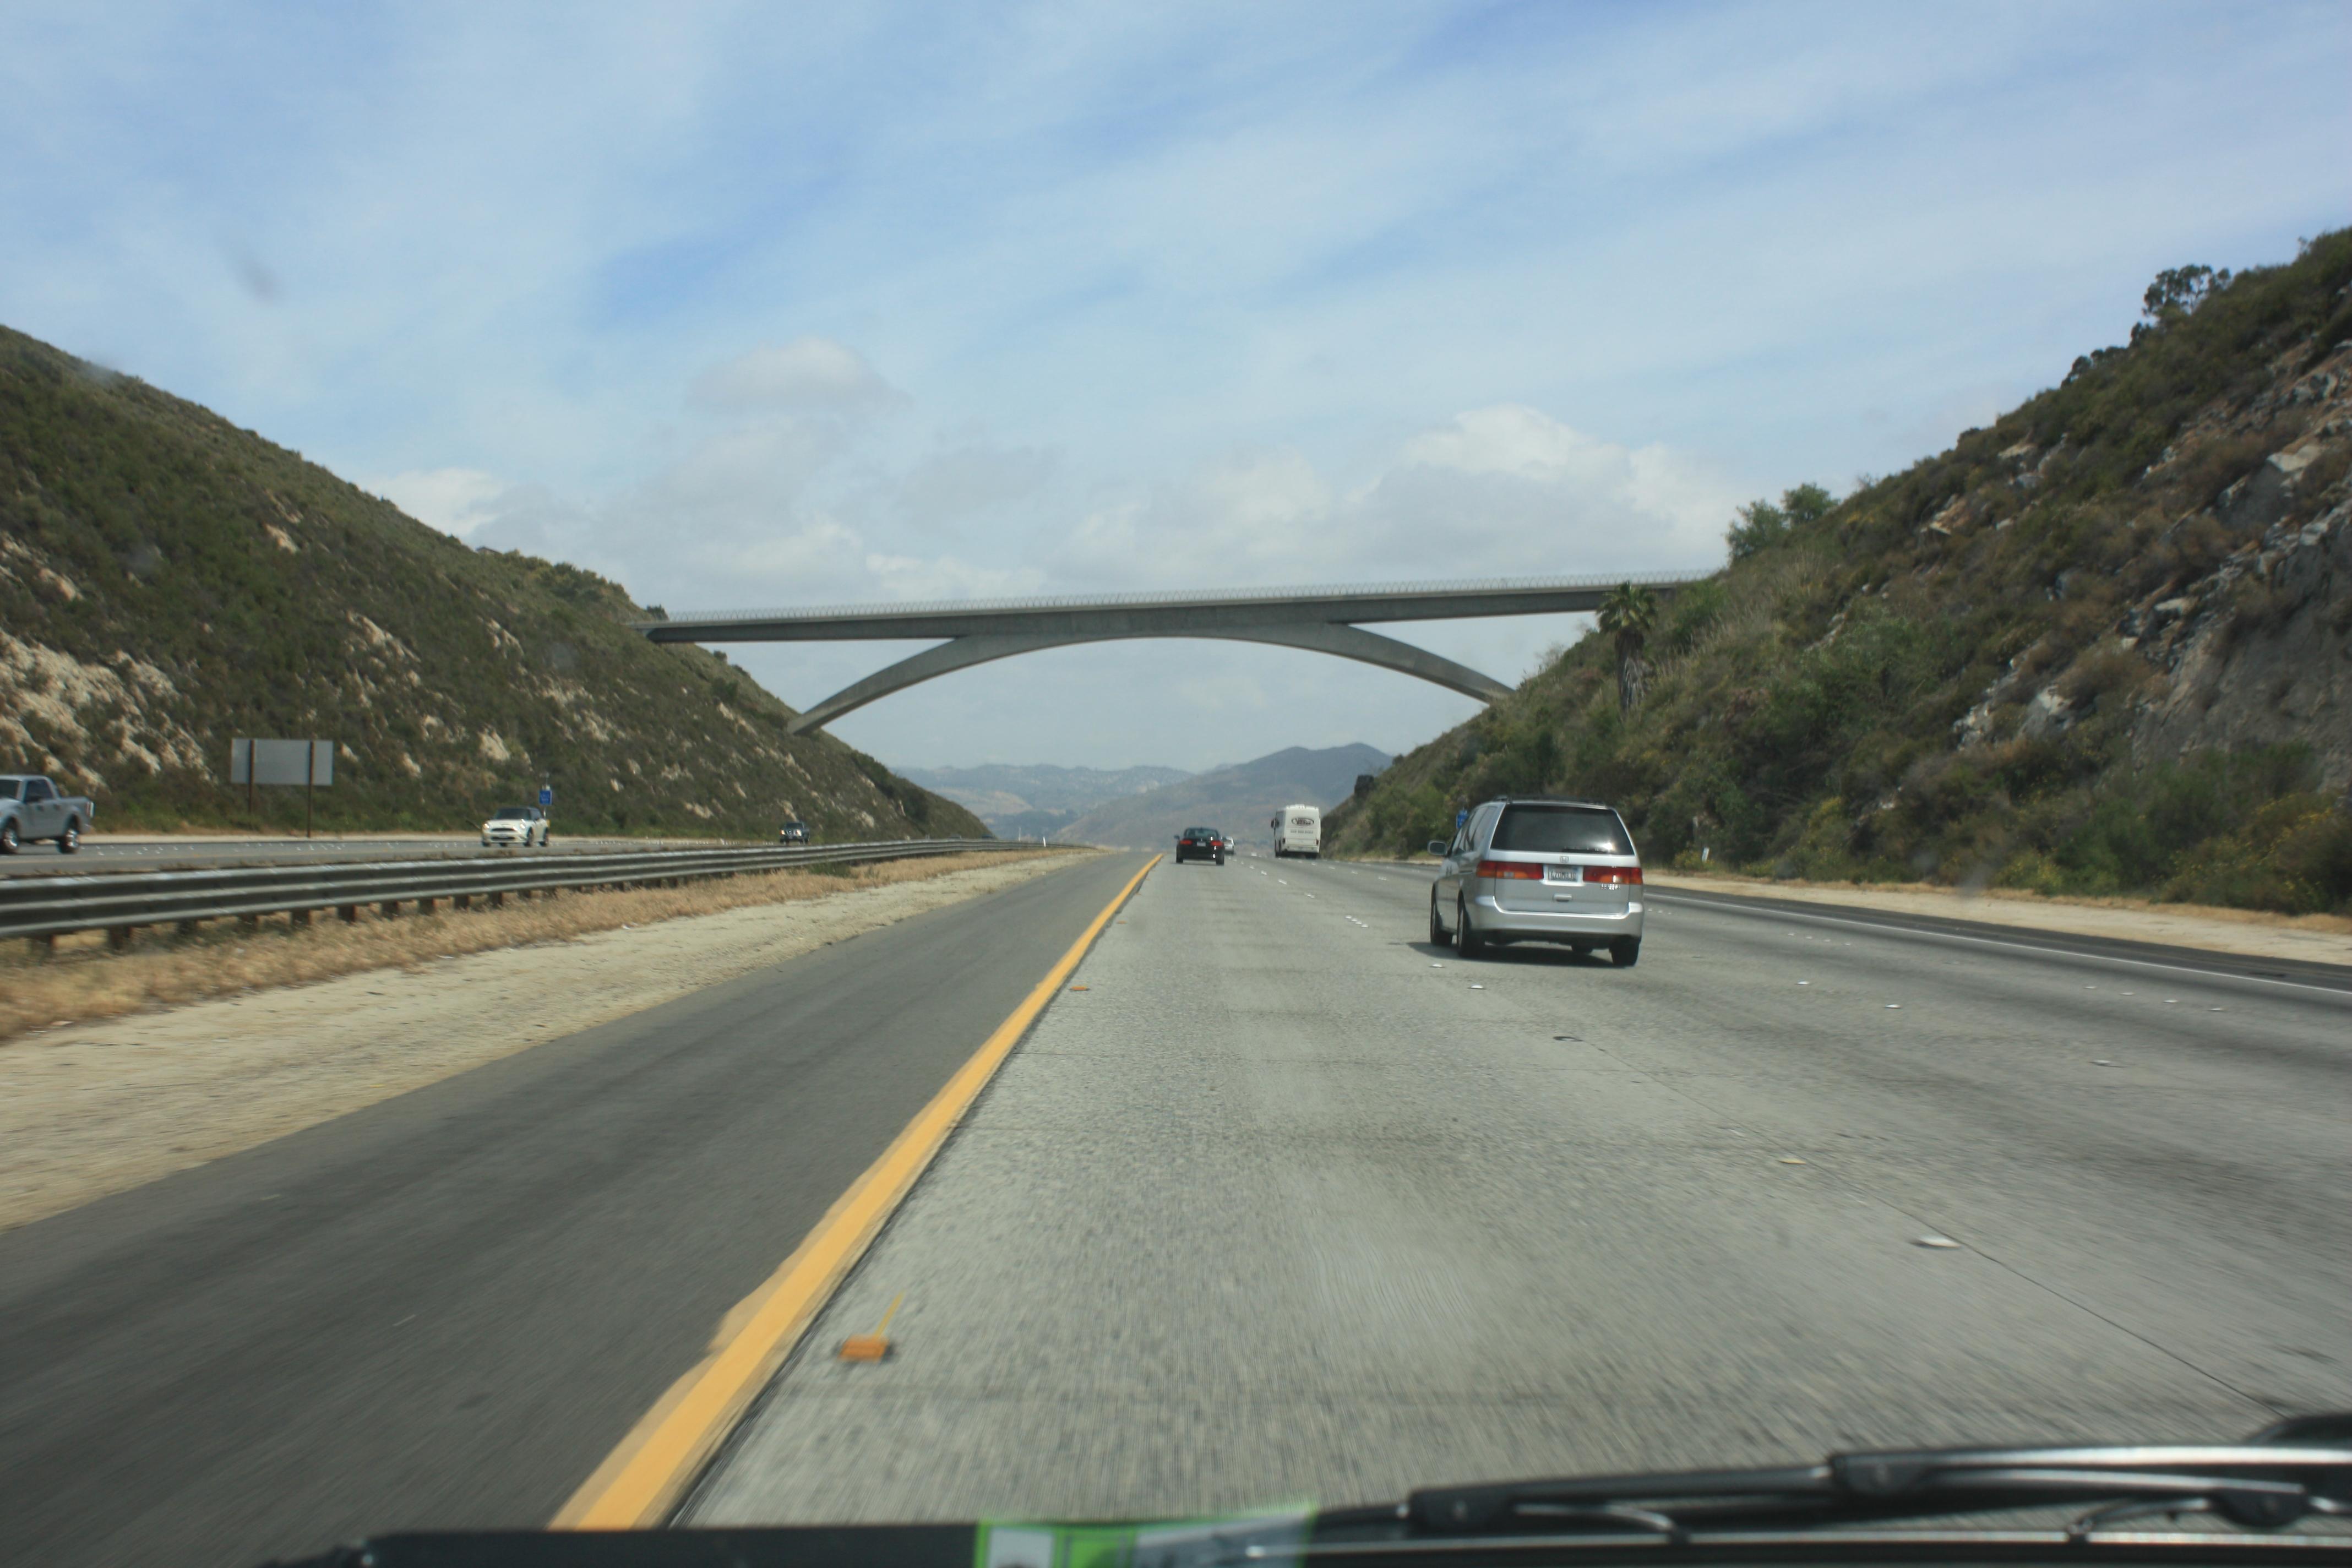 California Freeway, by San Deigo